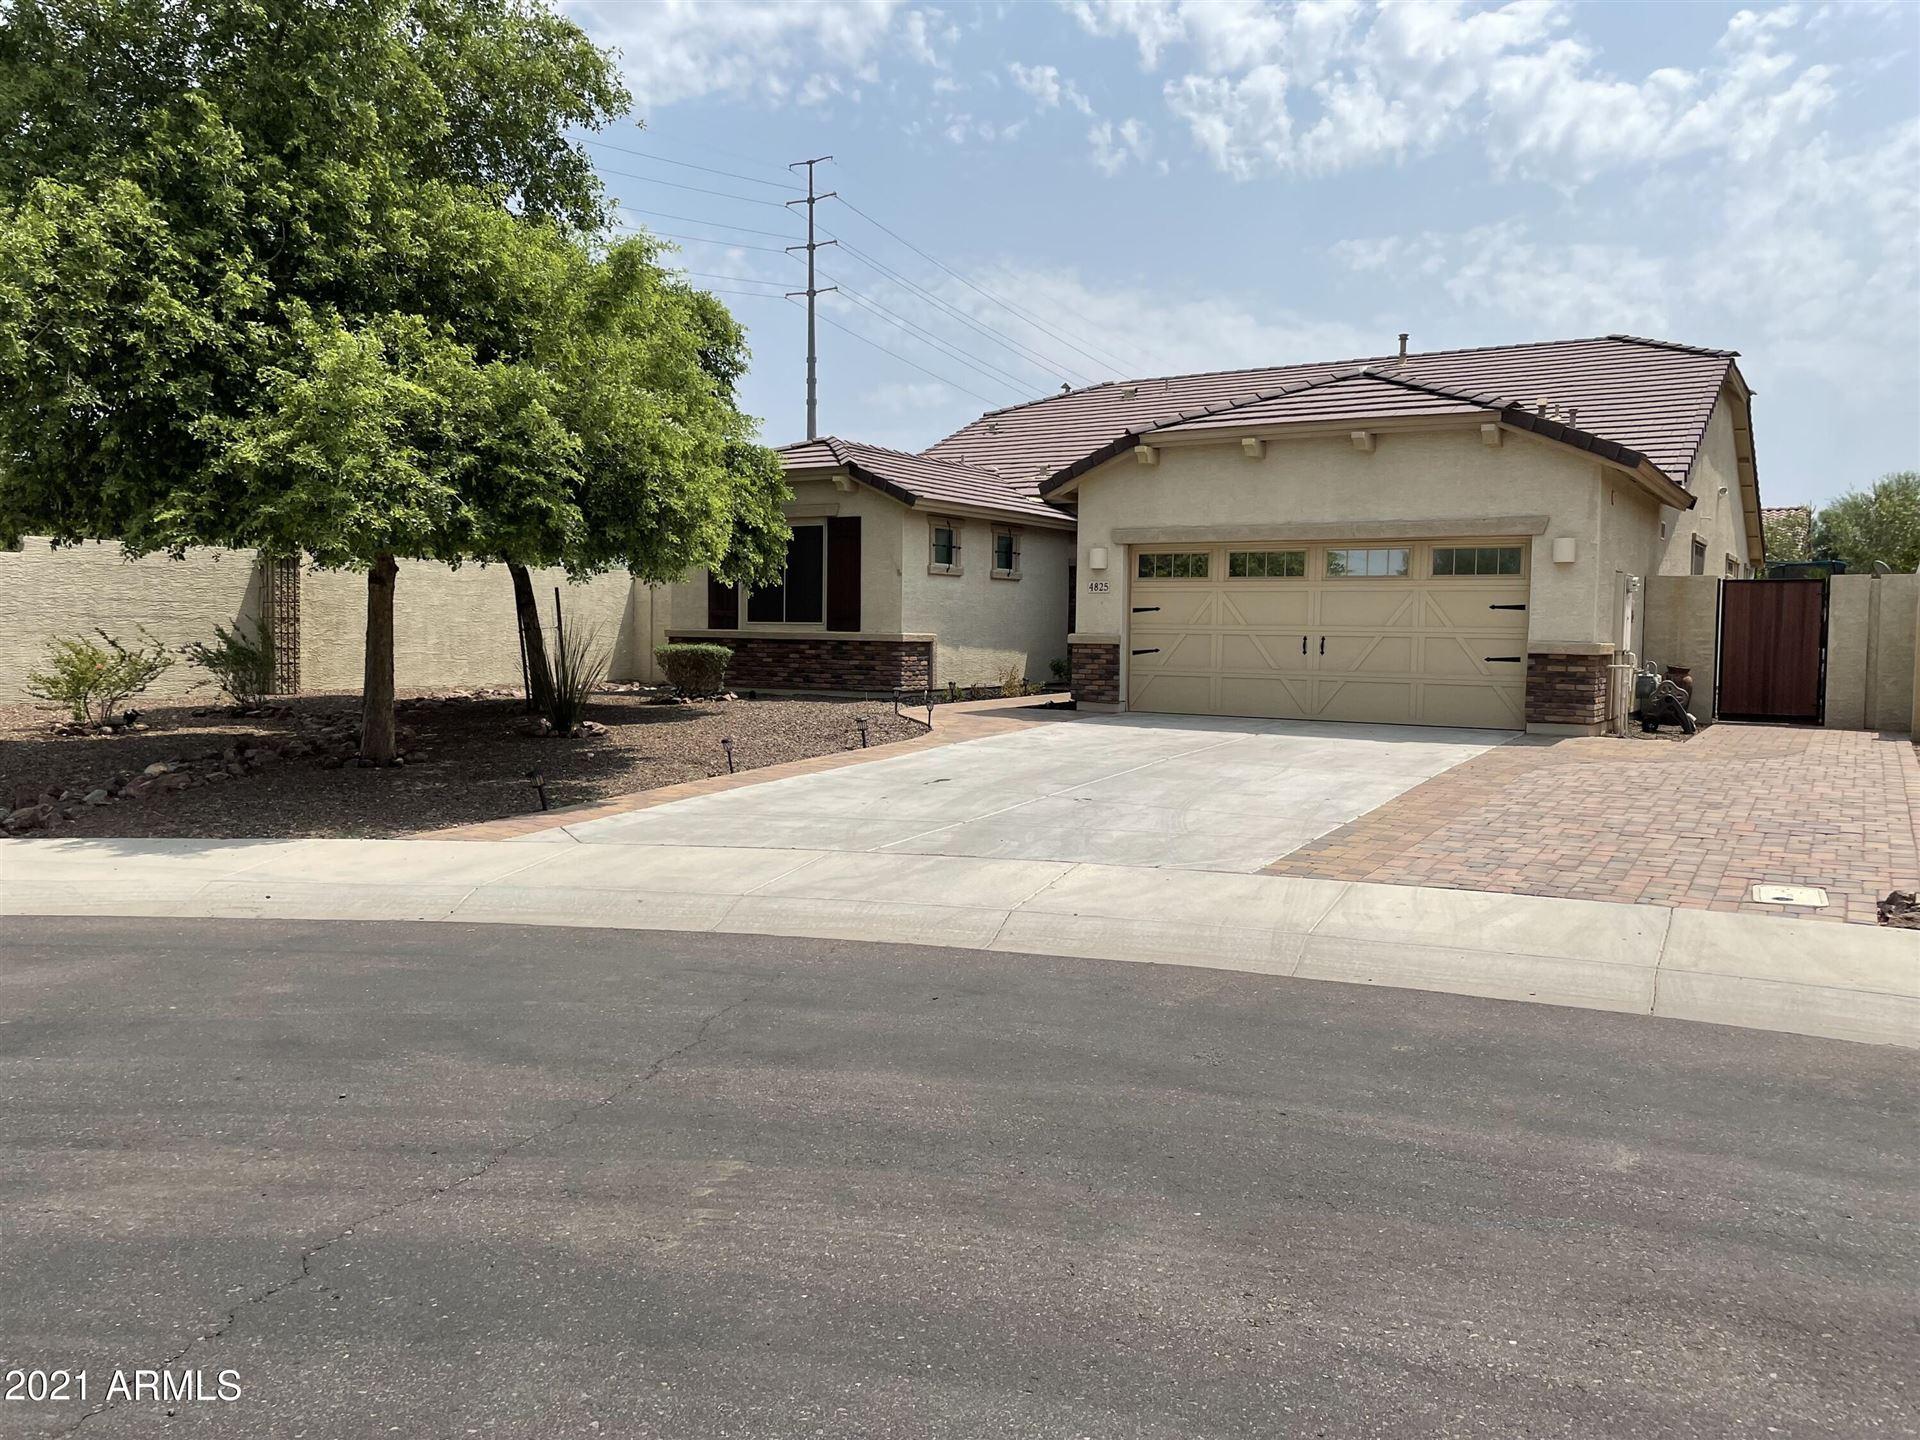 Photo of 4825 S BUTTERNUT Court, Gilbert, AZ 85298 (MLS # 6265184)